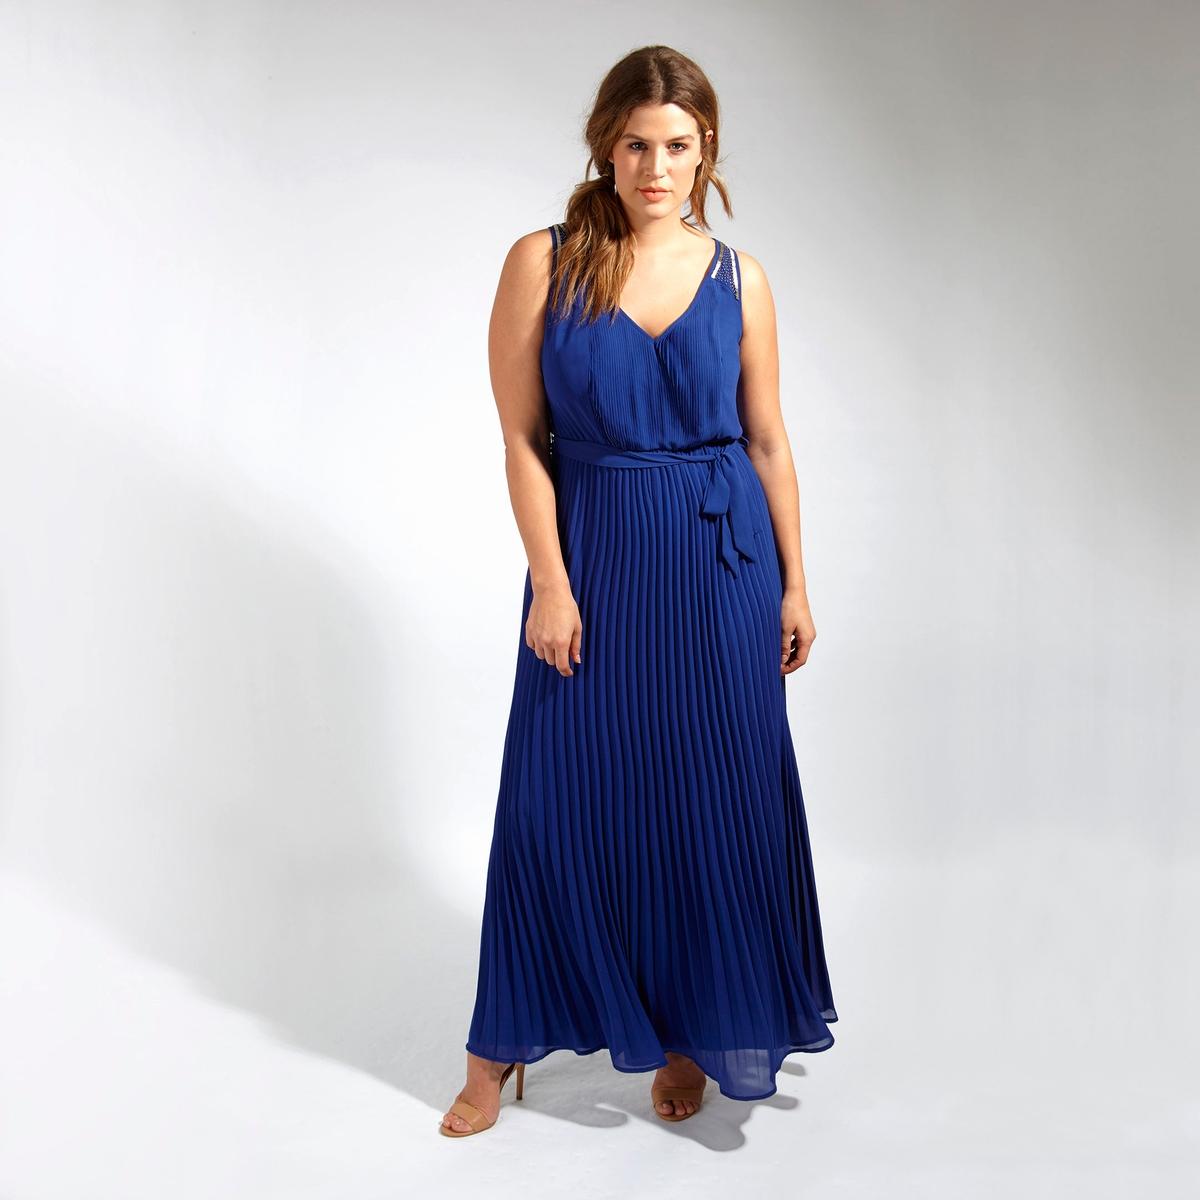 Платье длинноеДлинное платье LOVEDROBE без рукавов. Завязки на поясе. Юбка с эффектом плиссе. Оригинальные детали из бисера на бретелях. 100% полиэстер<br><br>Цвет: синий<br>Размер: 58/60 (FR) - 64/66 (RUS)